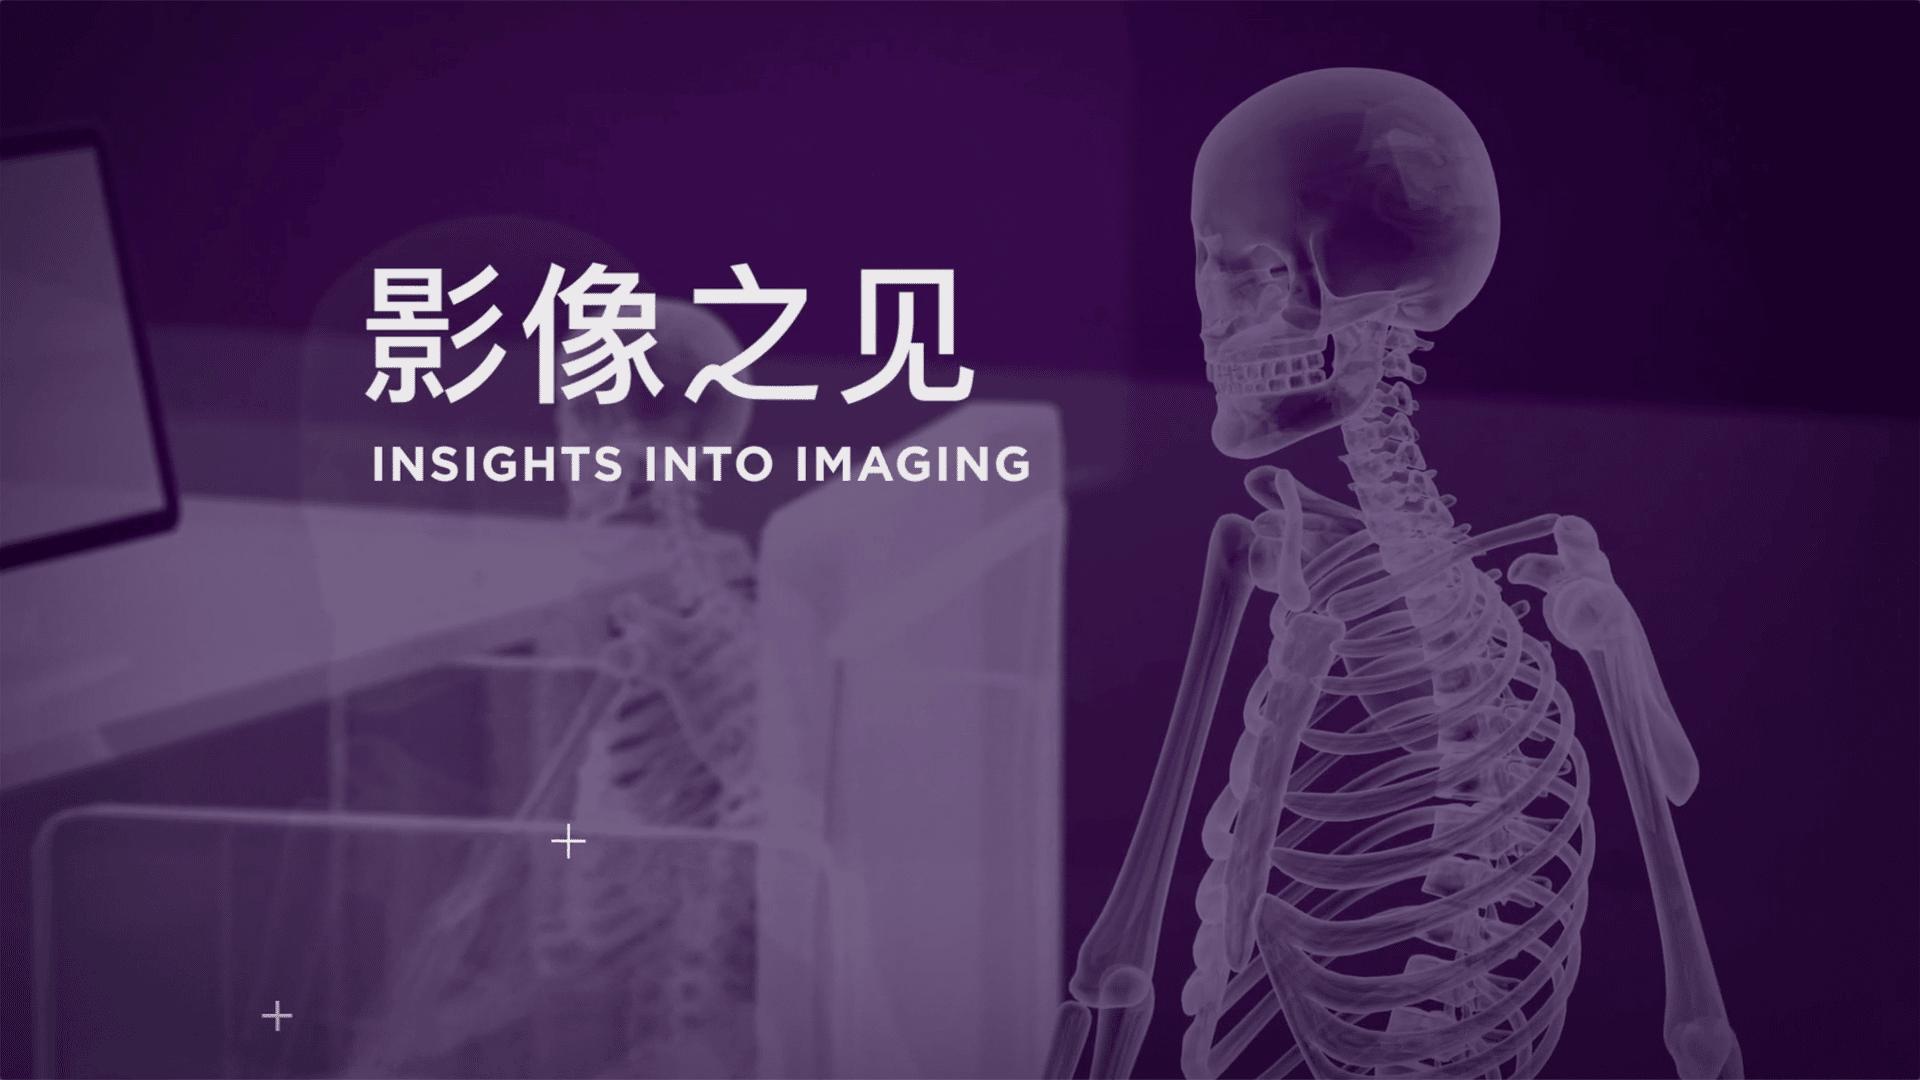 Insights Into Imaging Still Image